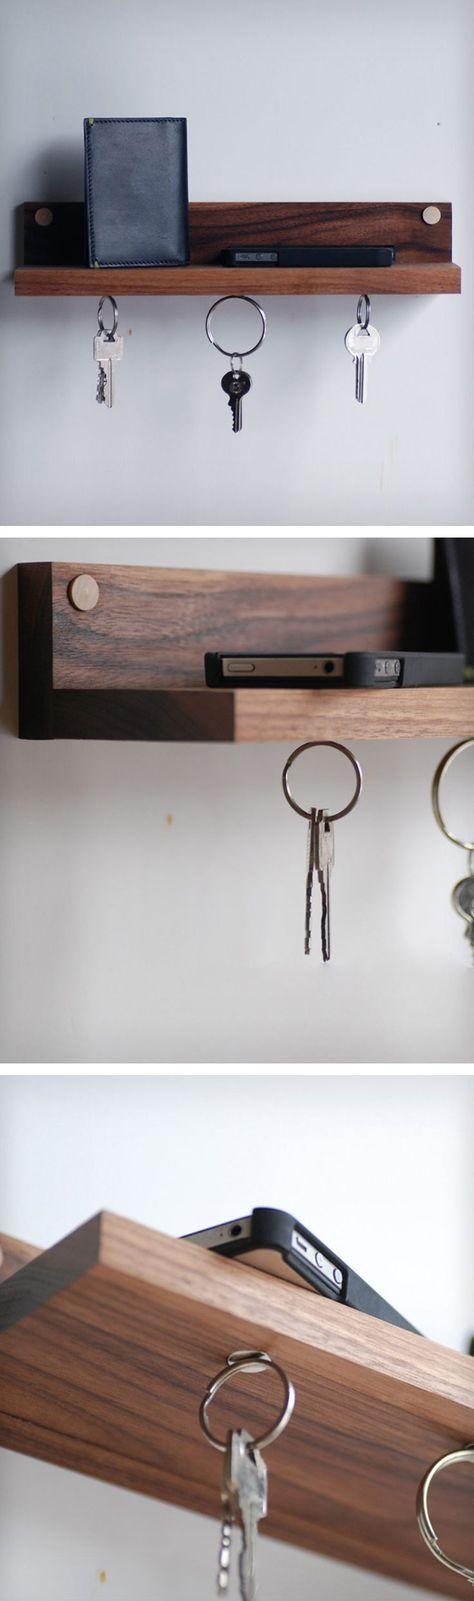 Die besten 25+ magnetischer Schlüsselhalter Ideen auf Pinterest - innendekoration ideen